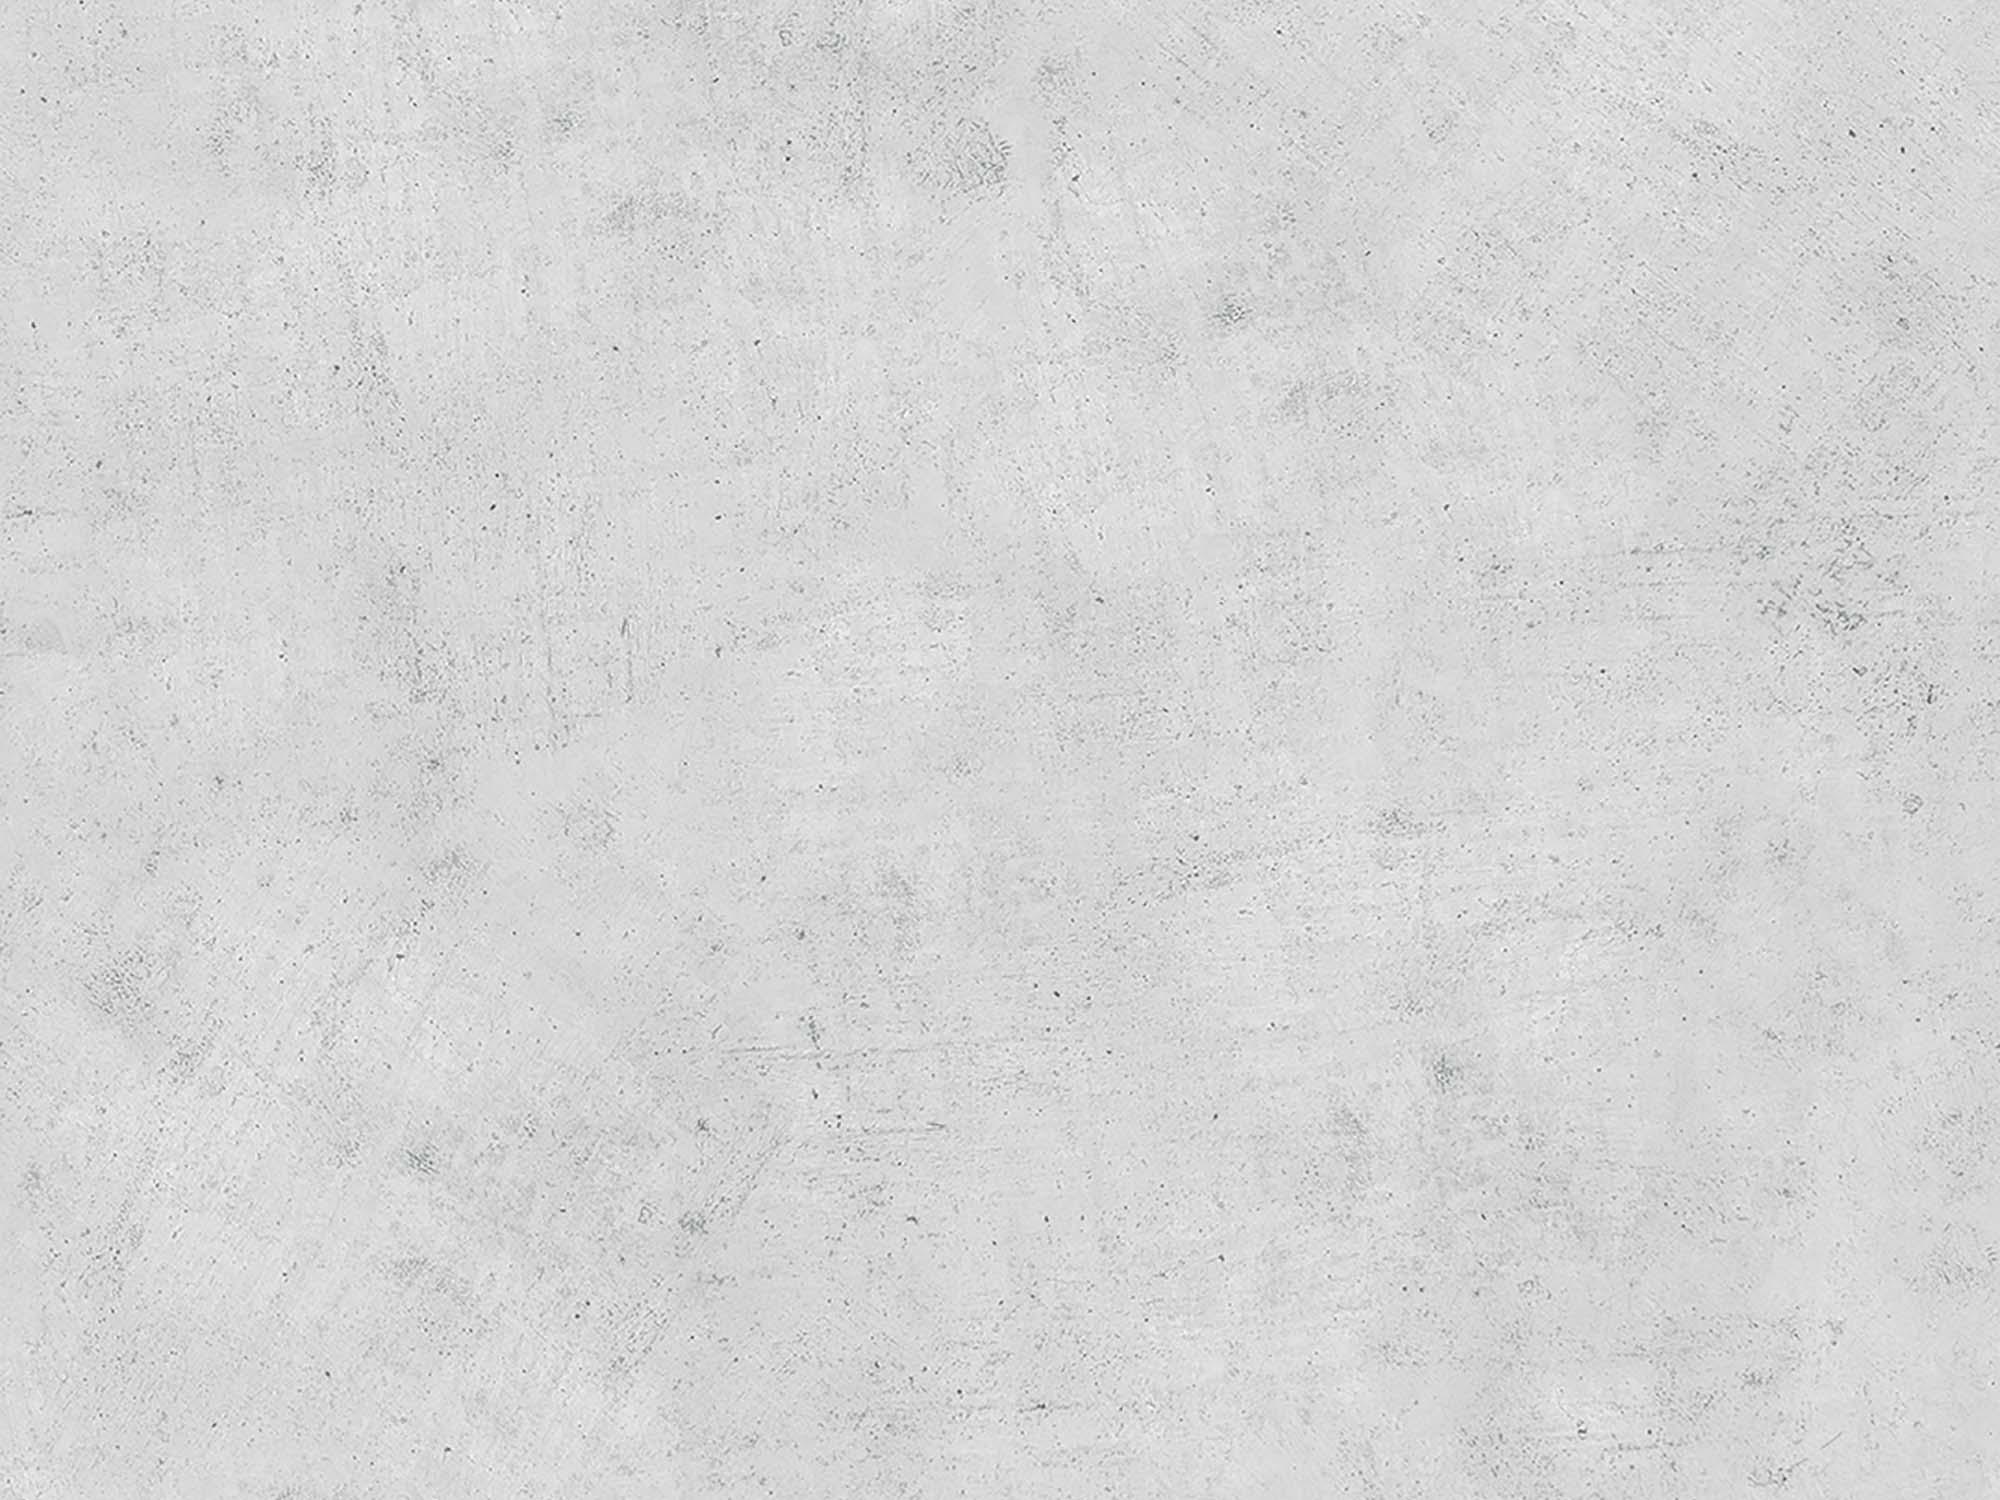 Concrete Textures 3